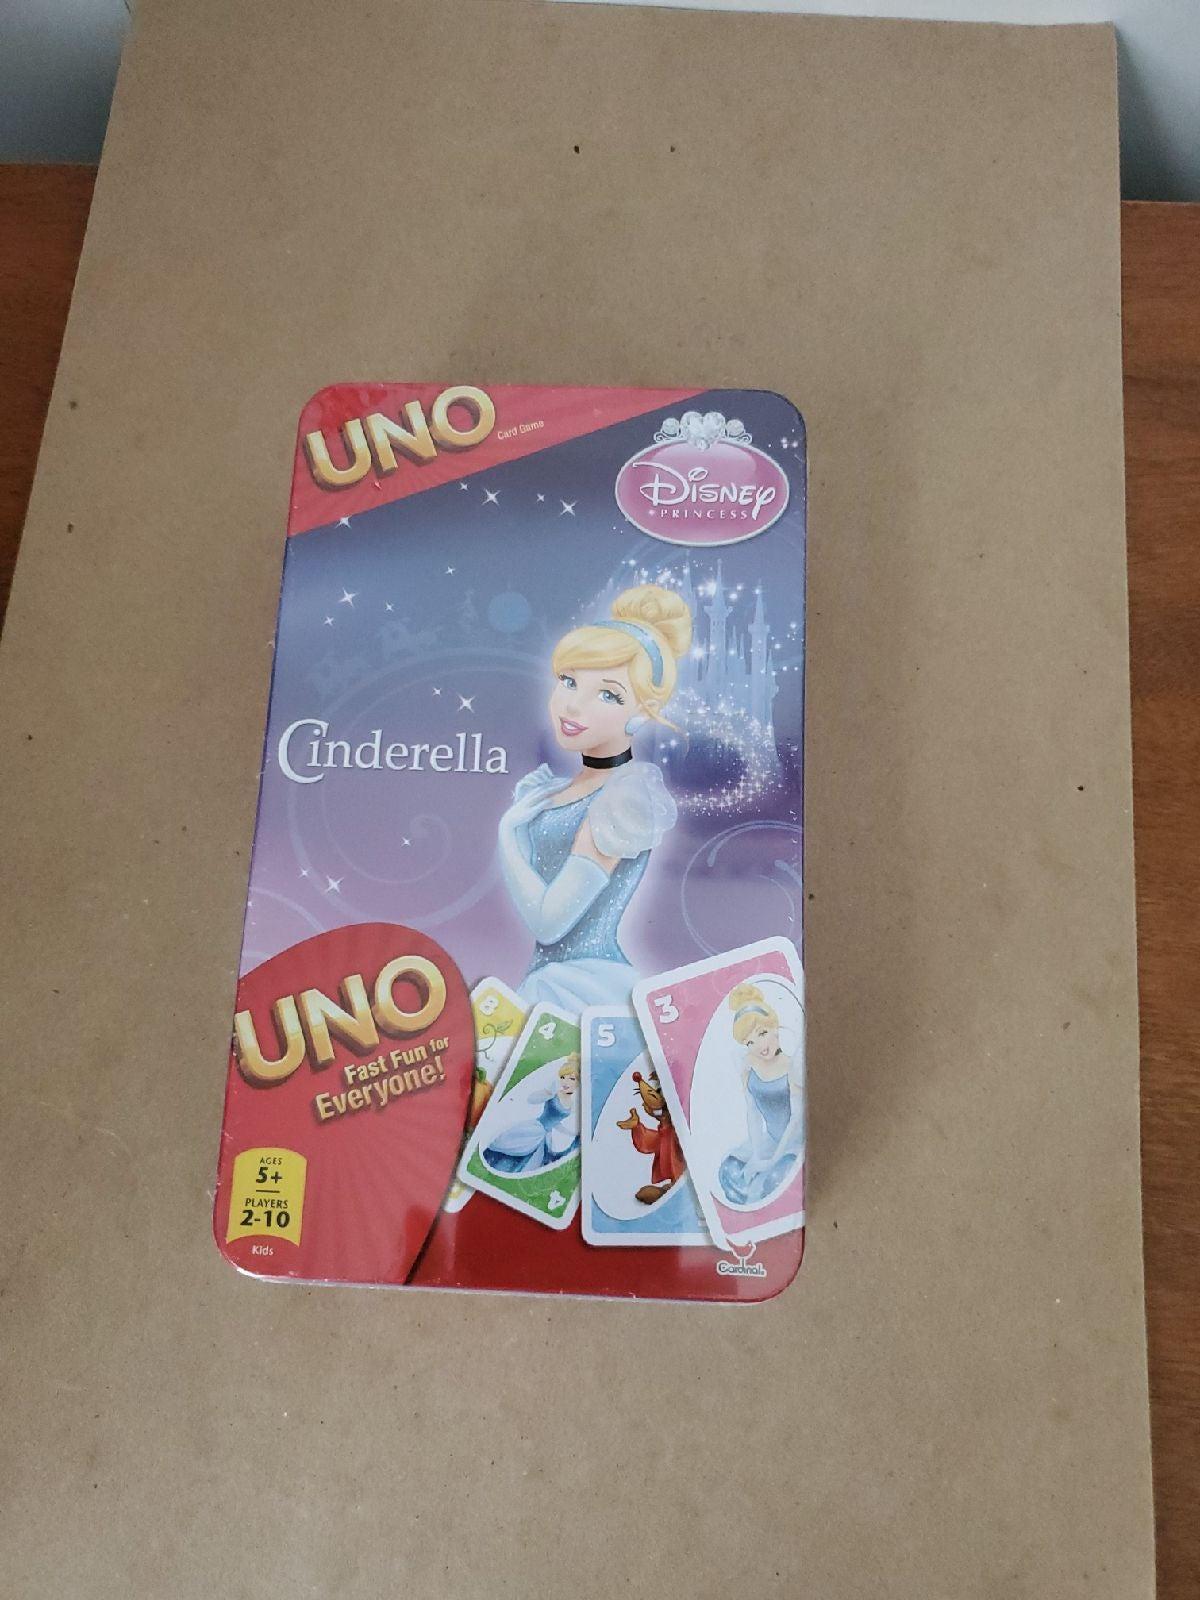 UNO Card Game Cinderella